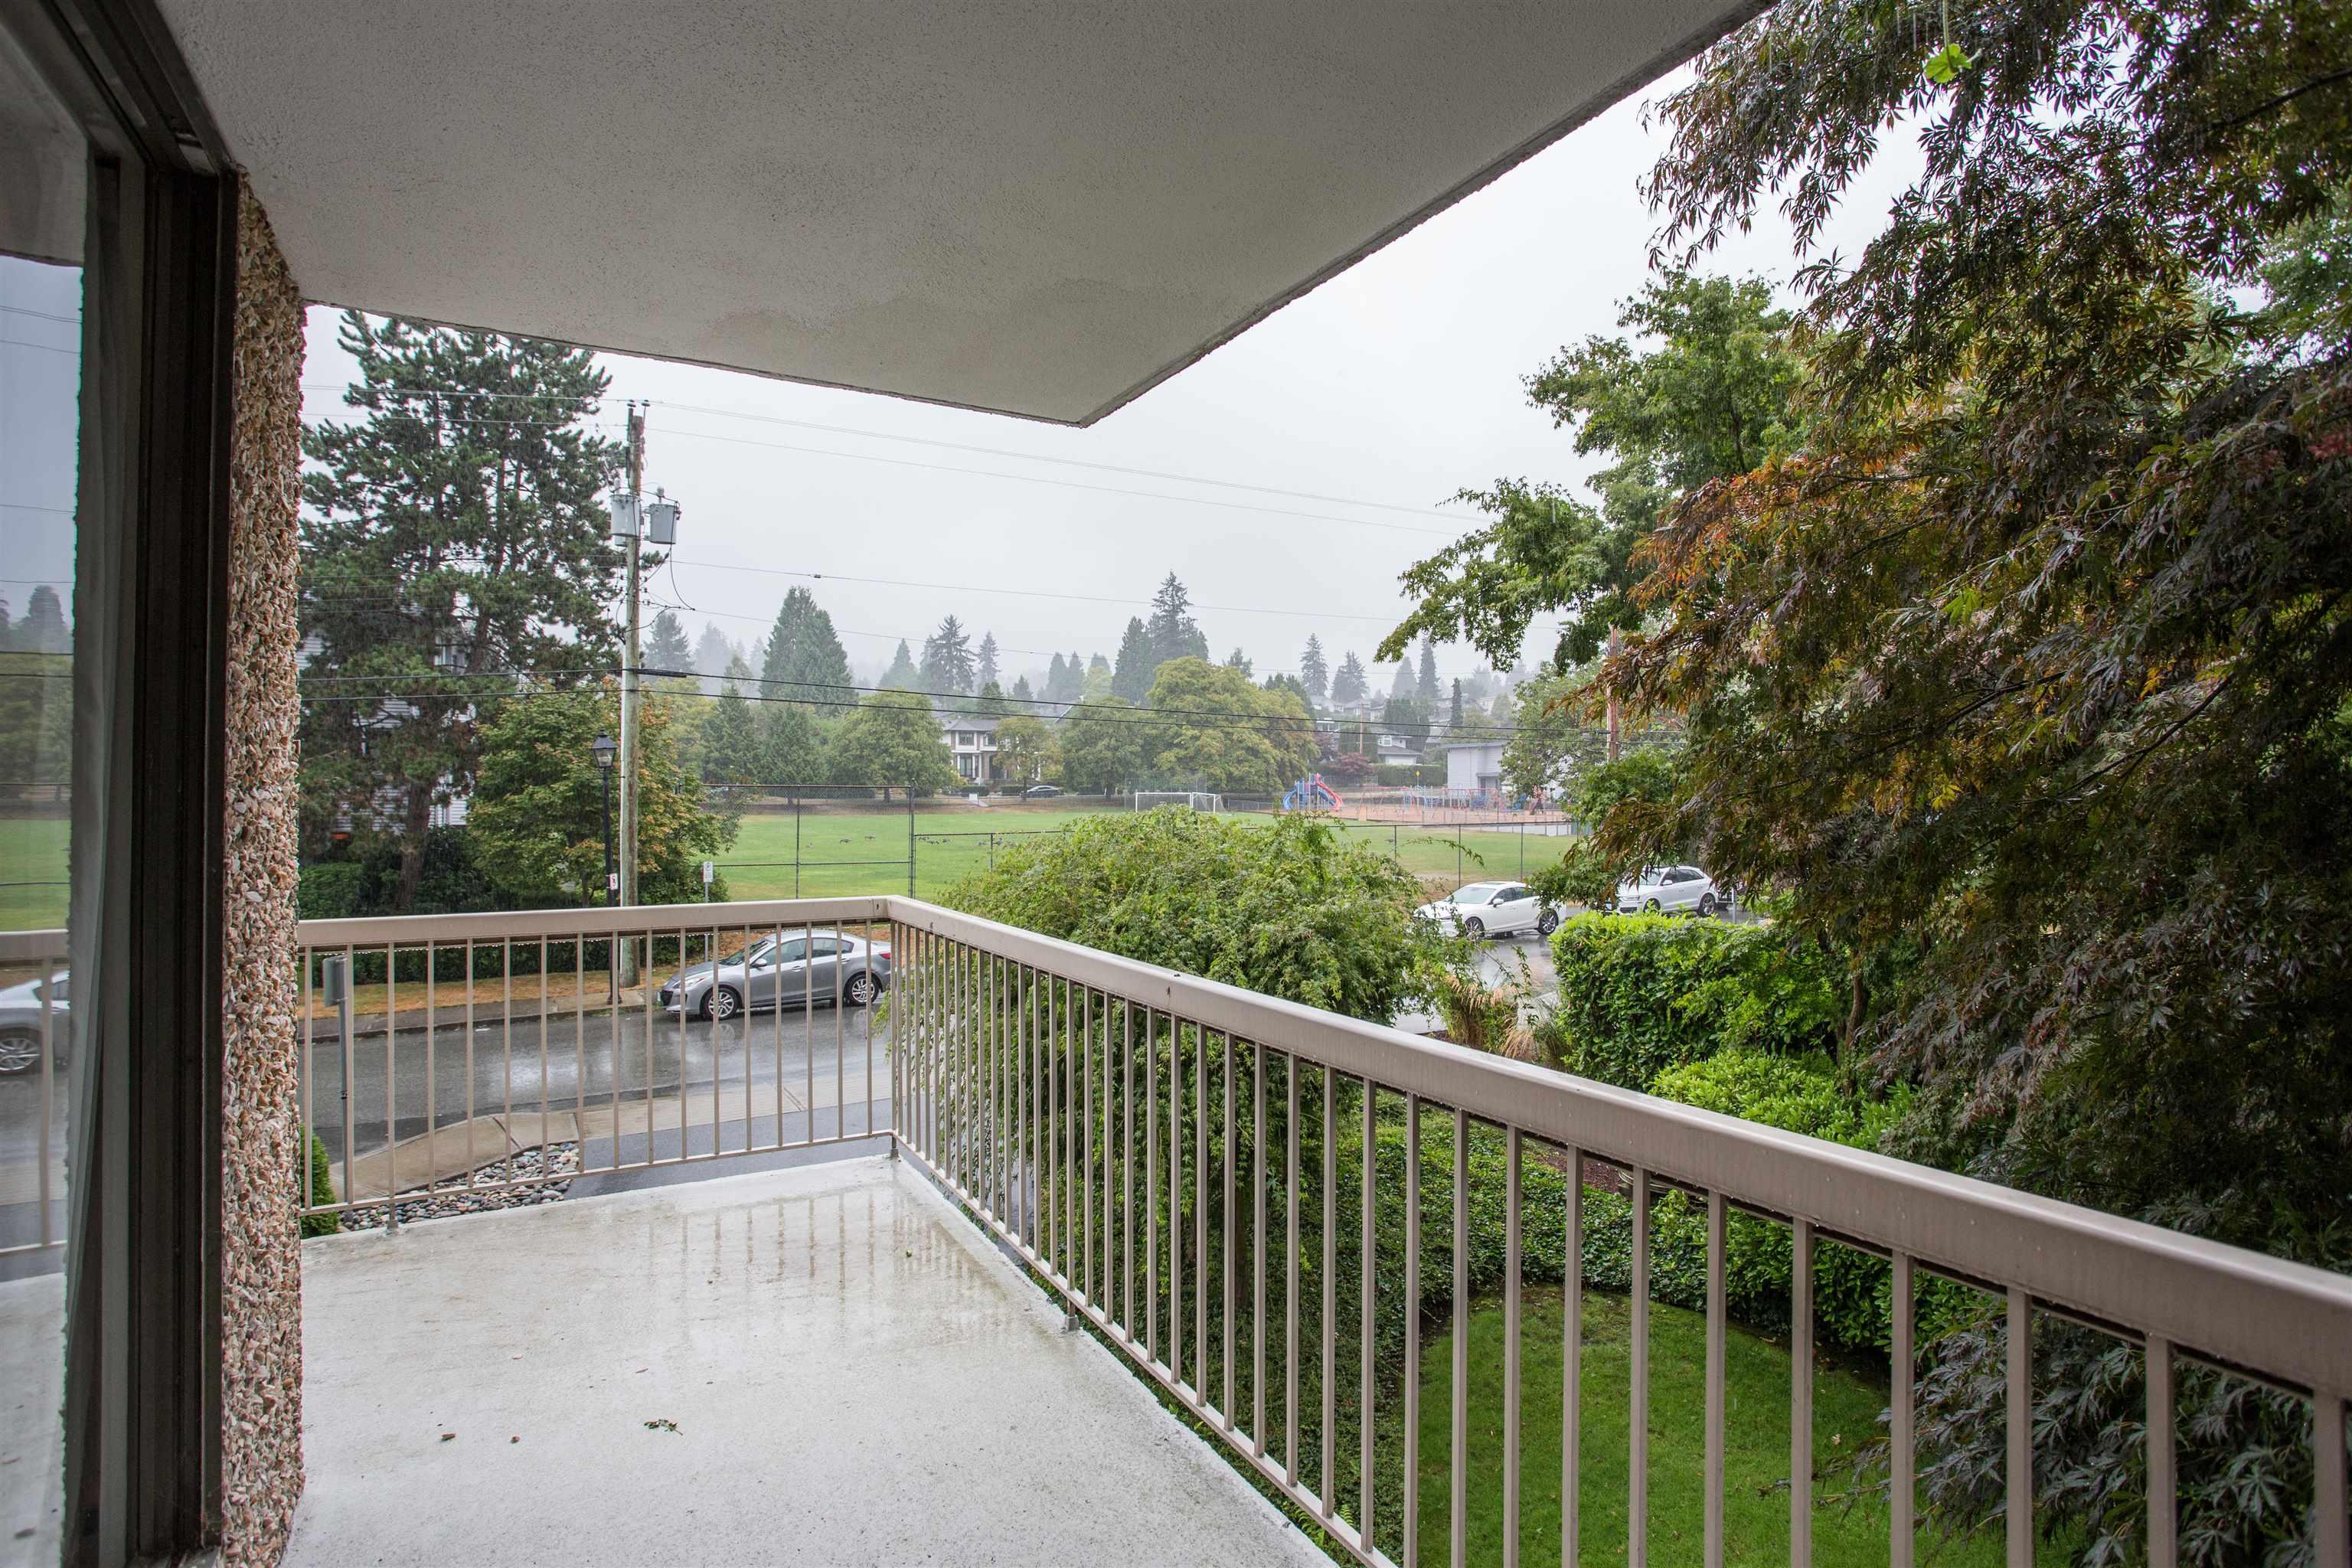 203 1390 DUCHESS AVENUE - Ambleside Apartment/Condo for sale, 1 Bedroom (R2611618) - #31